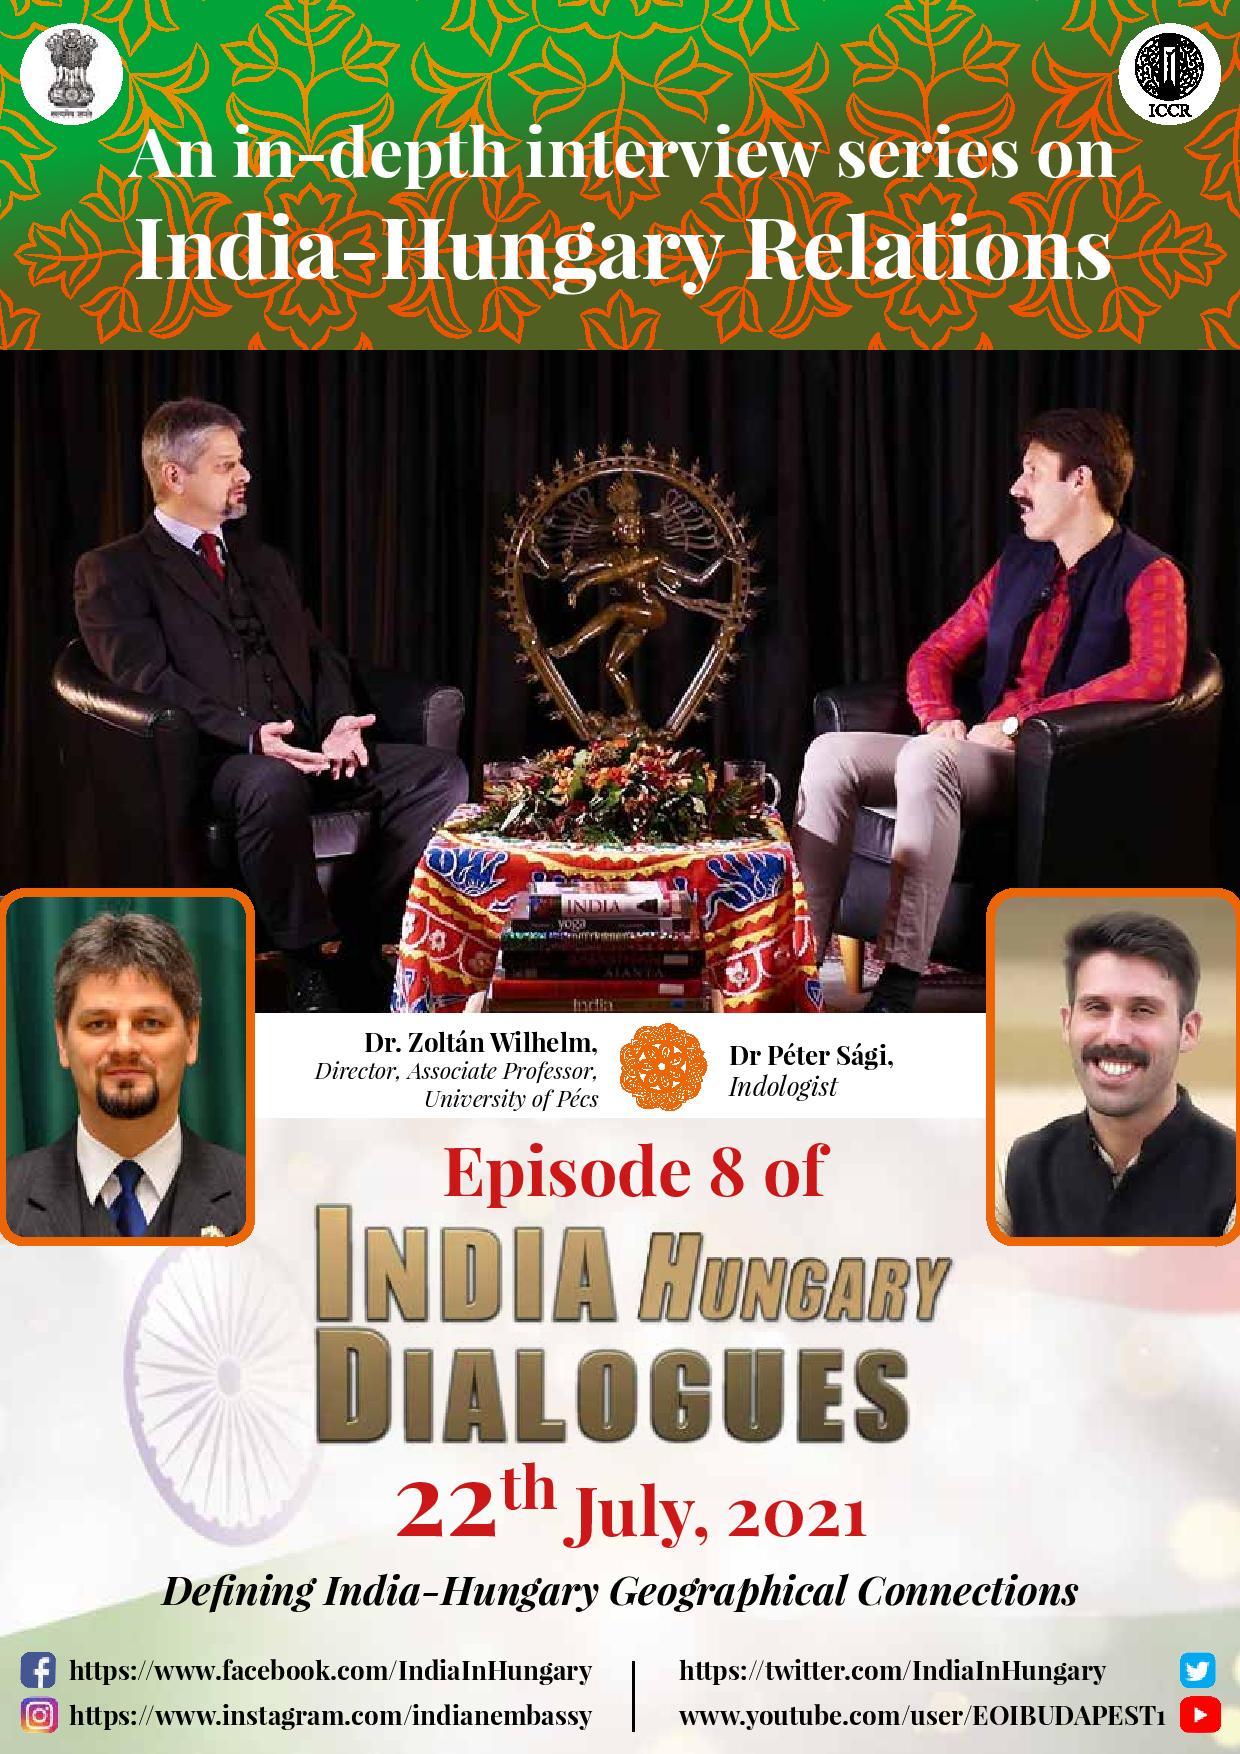 'Párbeszédben India és Magyarország' - Dr Wilhelm Zoltán